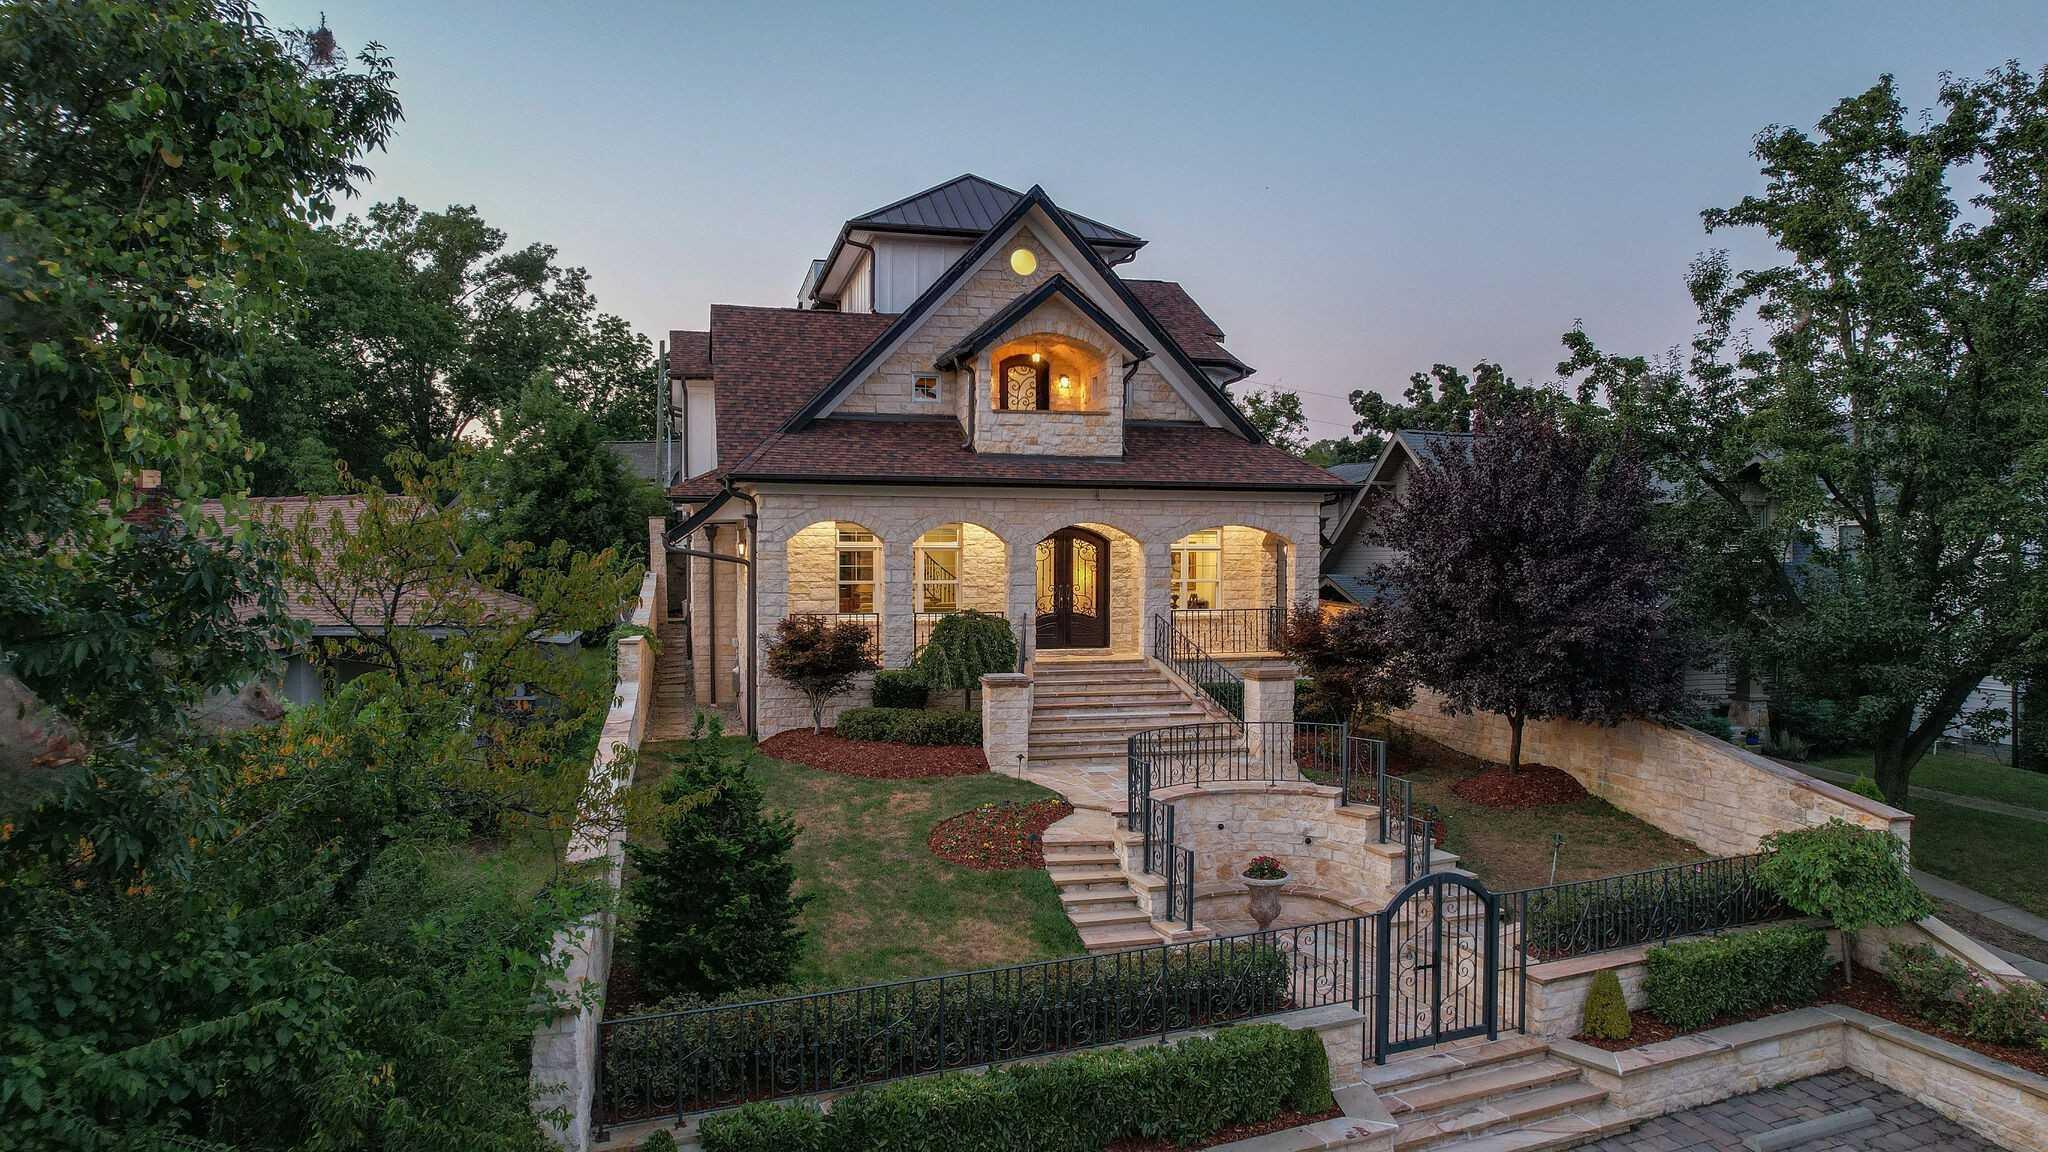 $2,250,000 - 4Br/5Ba -  for Sale in Sylvan Park, Nashville